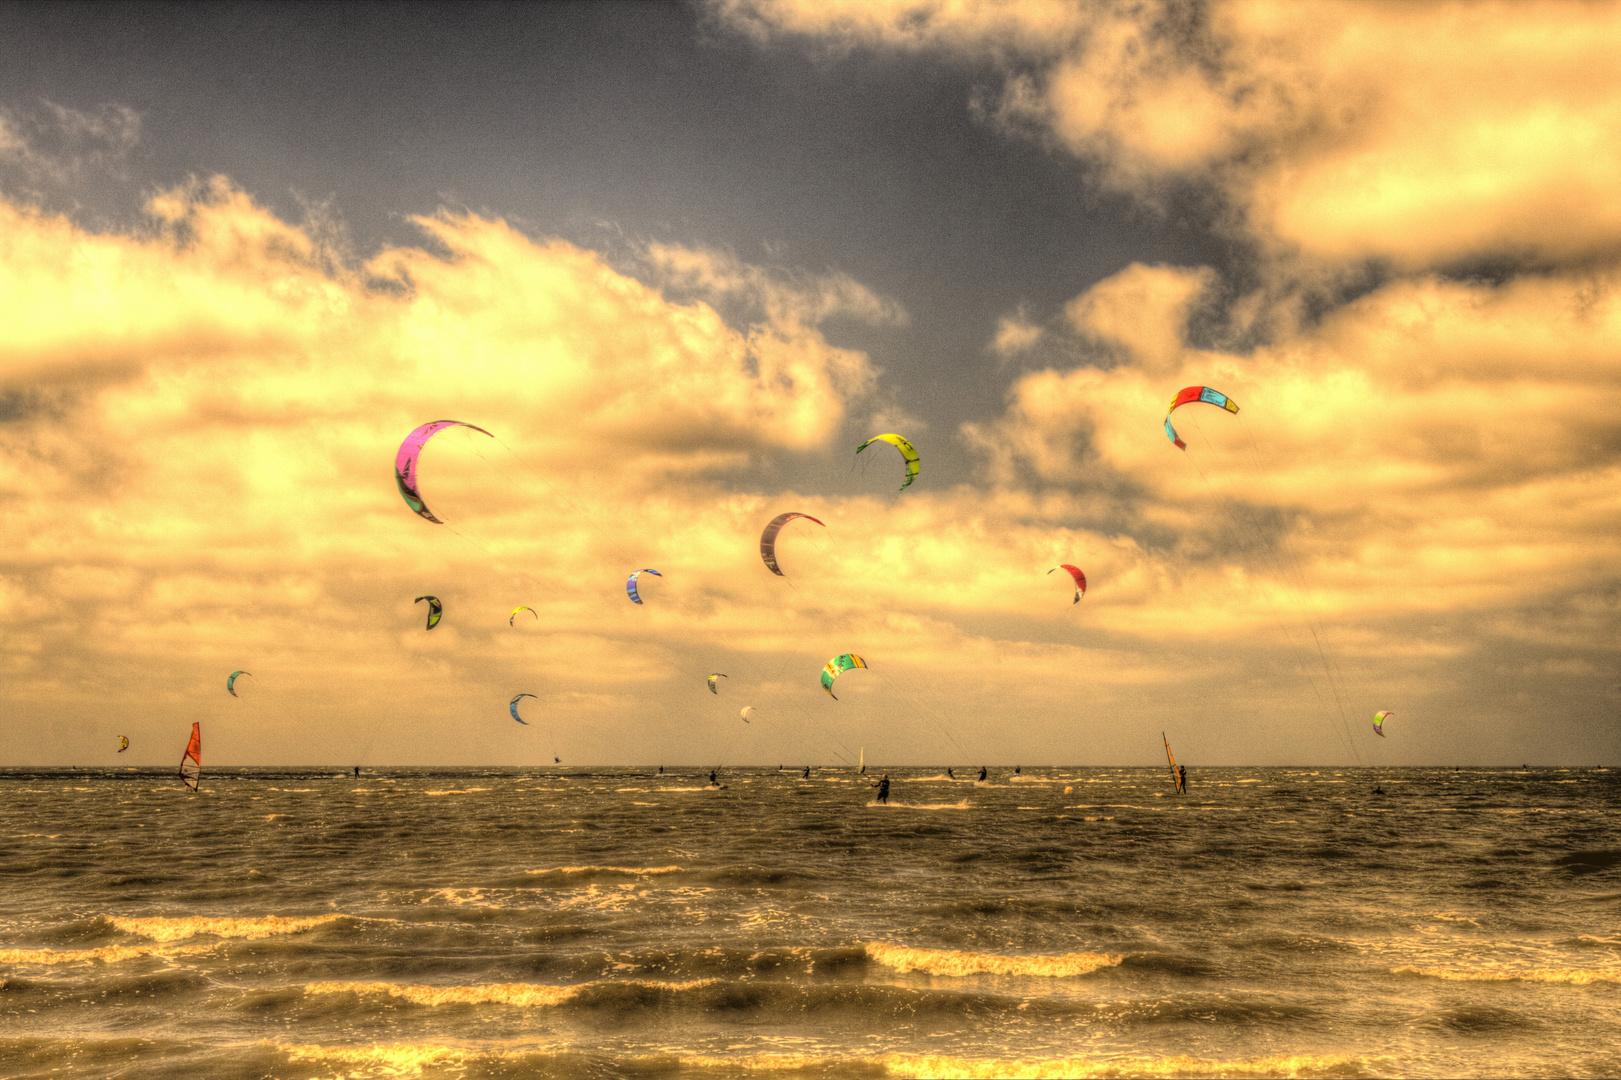 Kite-Surfen in Sahlenburg